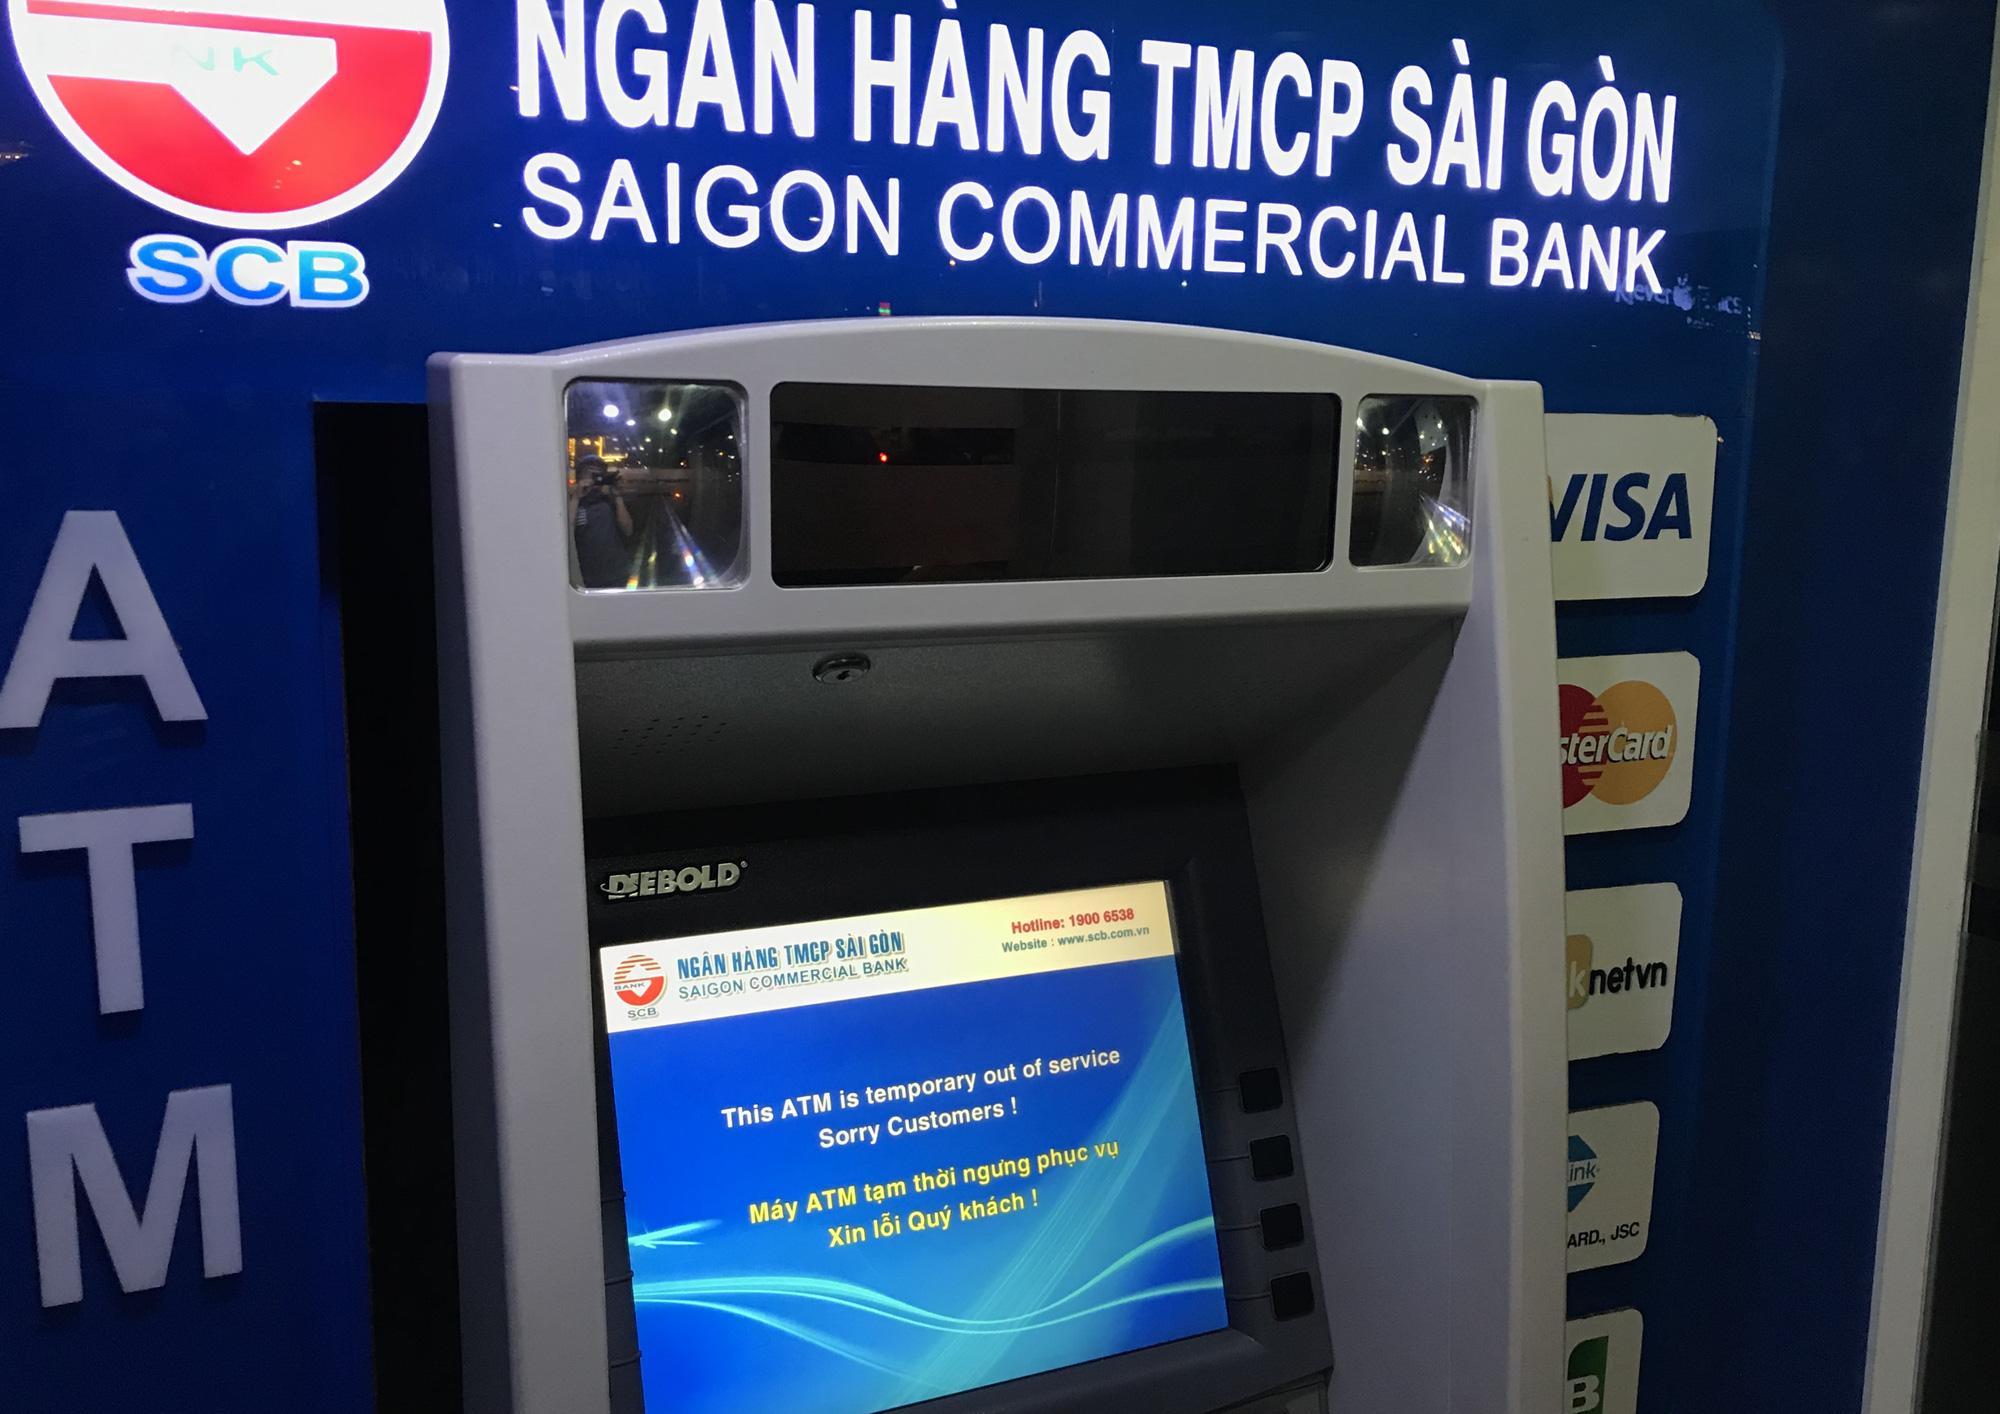 Ngày cuối cùng làm việc trước khi nghỉ Tết, ATM tại Sài Gòn vẫn hết tiền, giao dịch trên ngân hàng điện tử cũng kẹt - Ảnh 2.